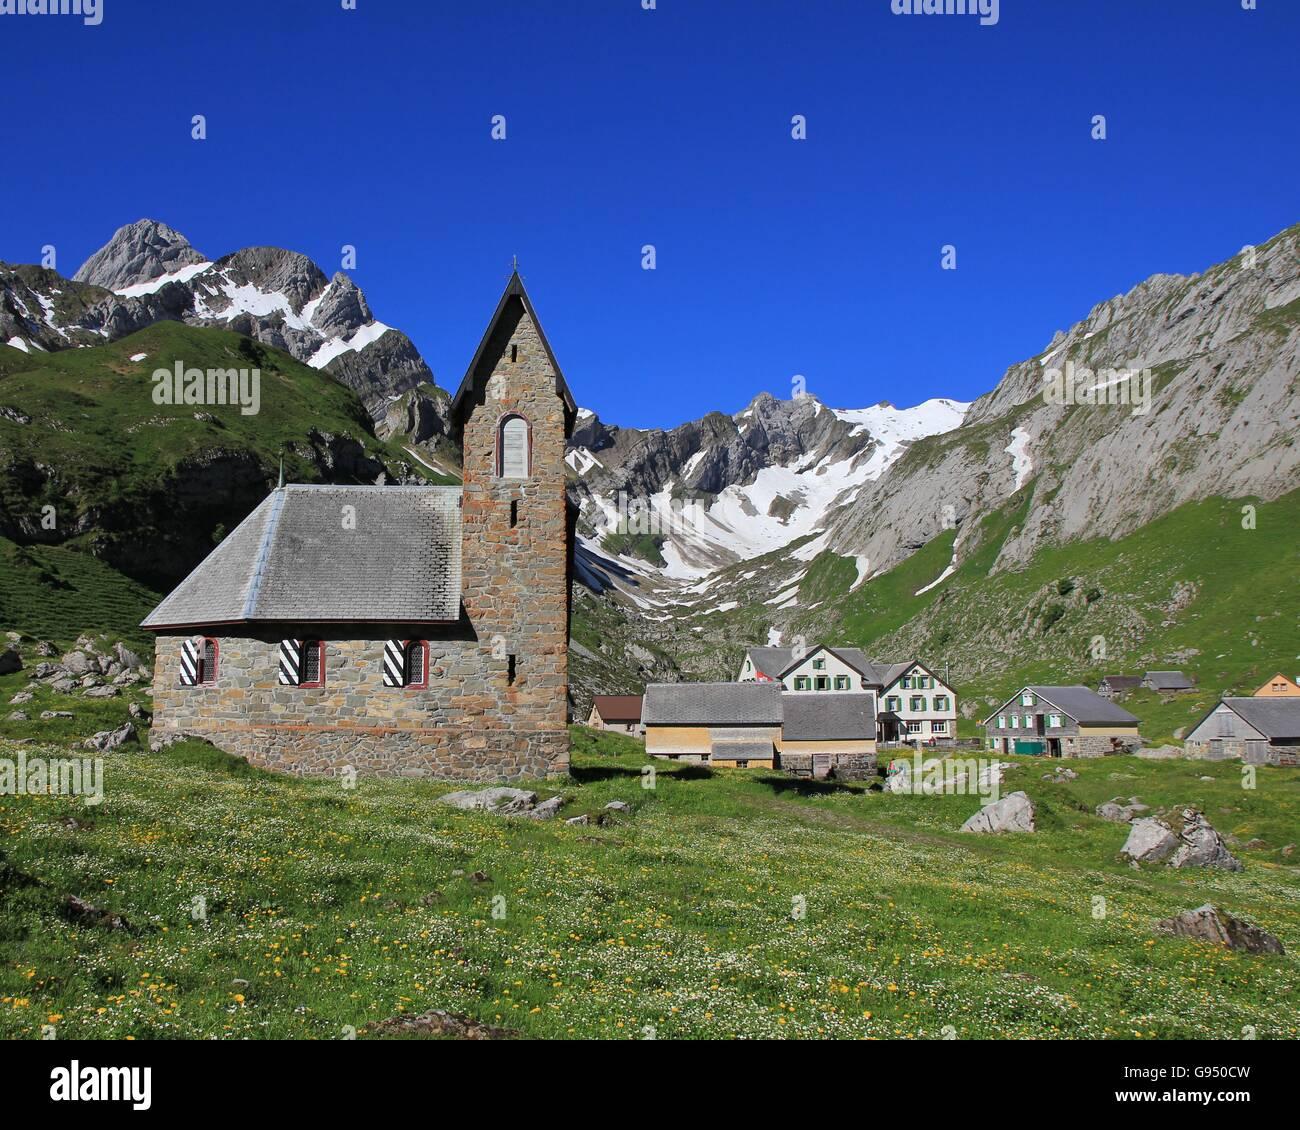 Alte Kapelle hoch oben auf einer Bergwiese. Meglisalp. Frühling-Szene in den Schweizer Alpen. Stockbild